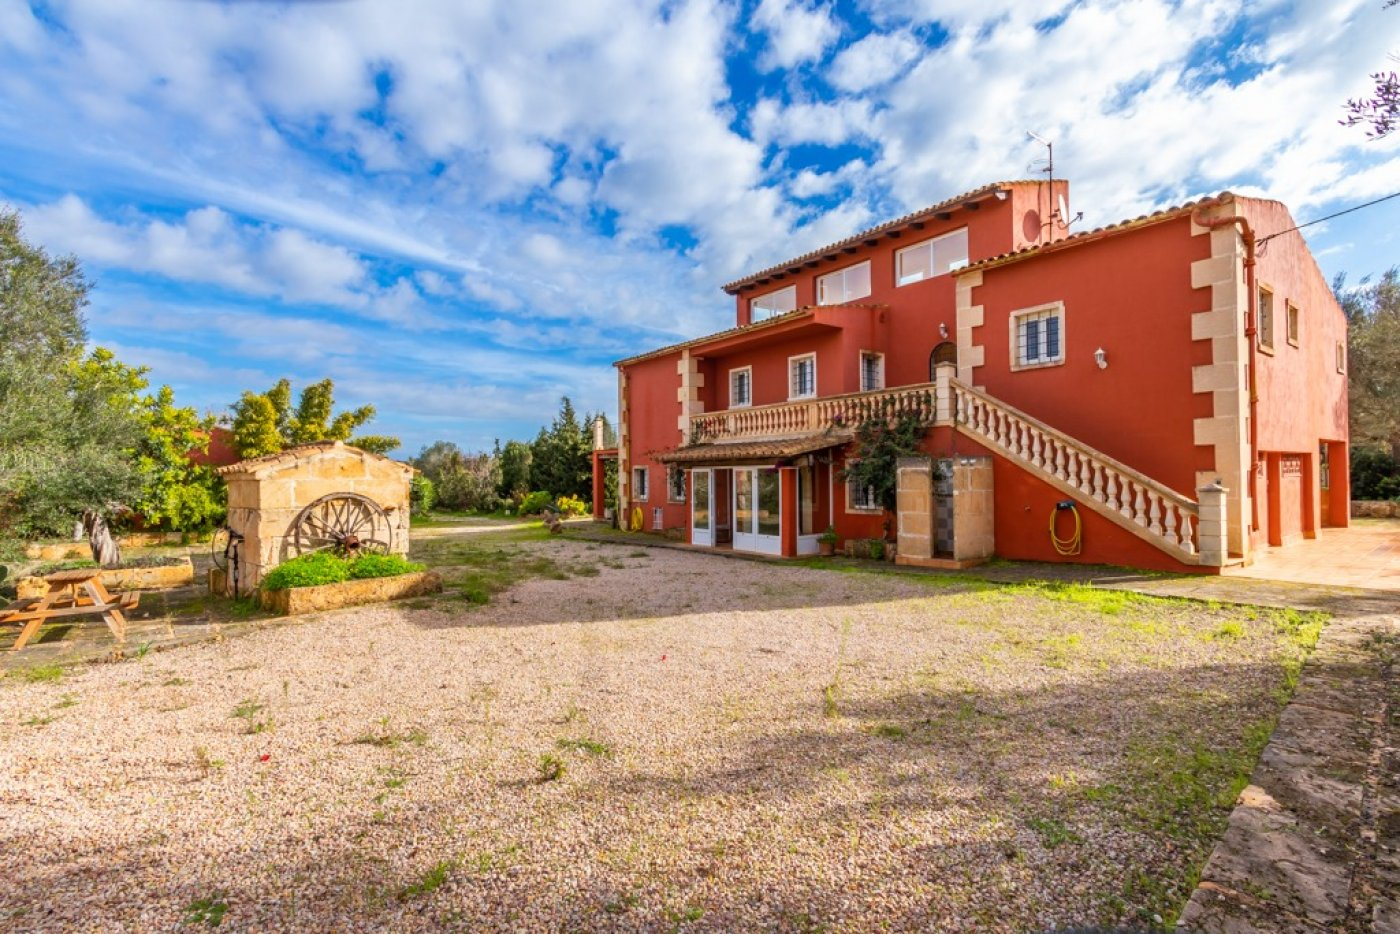 Magnifica villa en ses salines - can somni - ideal inversores turÍsticos - imagenInmueble2